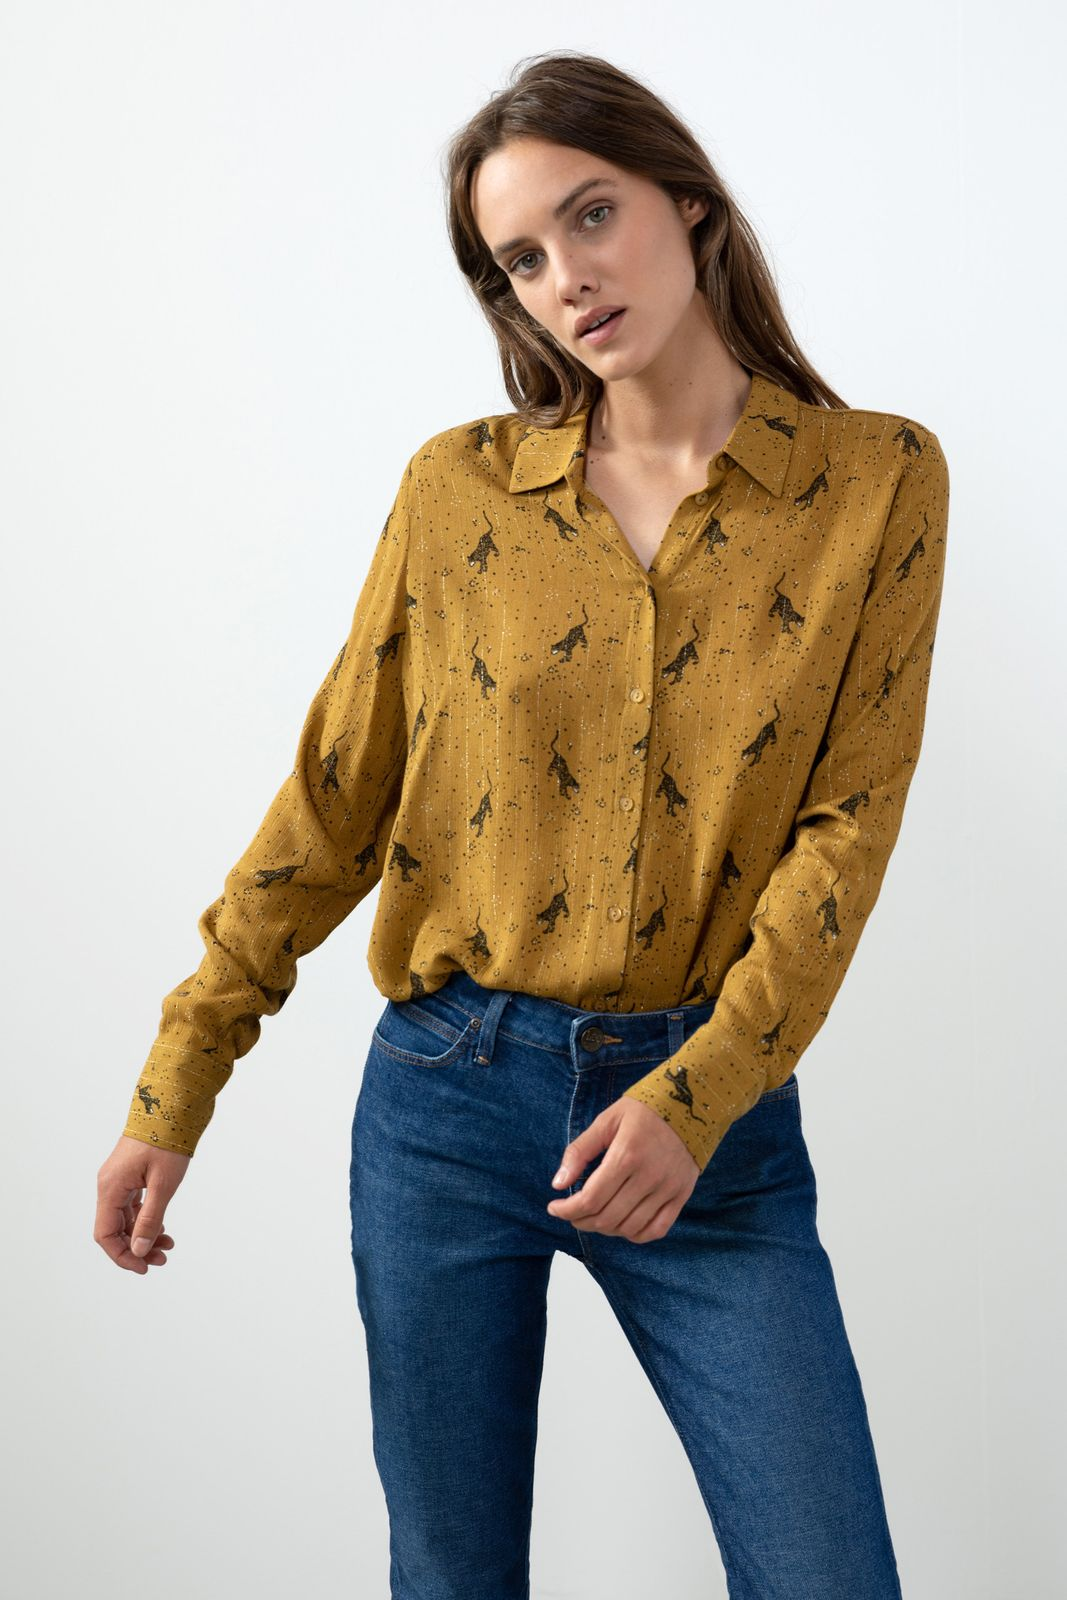 Groen/gele blouse met all over print